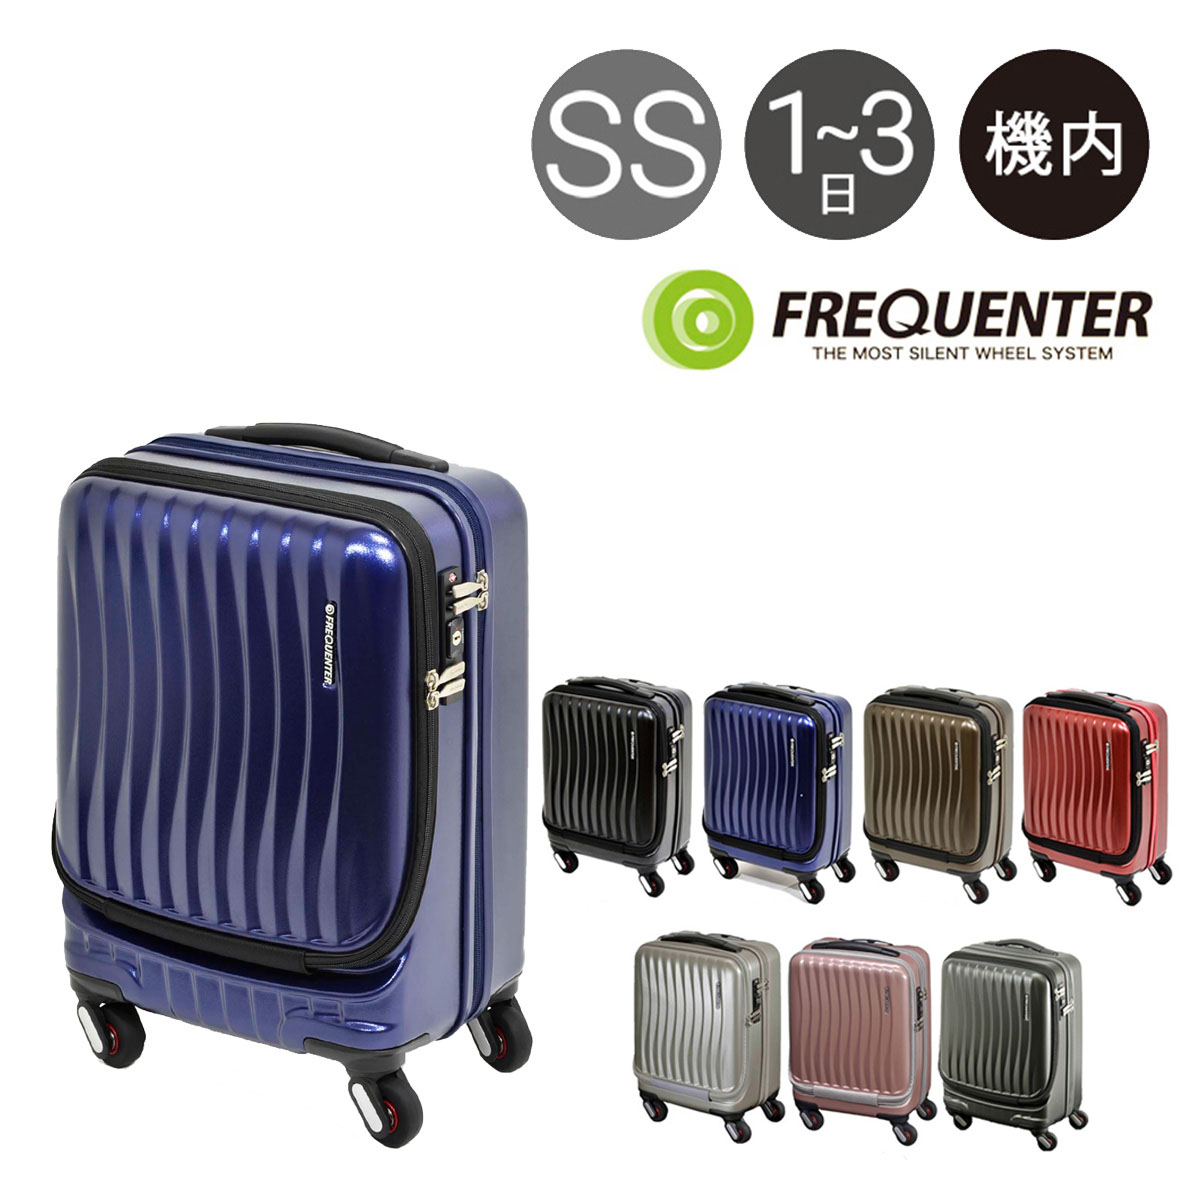 フリクエンター スーツケース クラムアドバンス|機内持ち込み 34L 46cm 3.6kg 1-216|軽量 フロントオープン ハード ファスナー 静音 ストッパー付き TSAロック搭載 キャリーケース [PO10][bef]